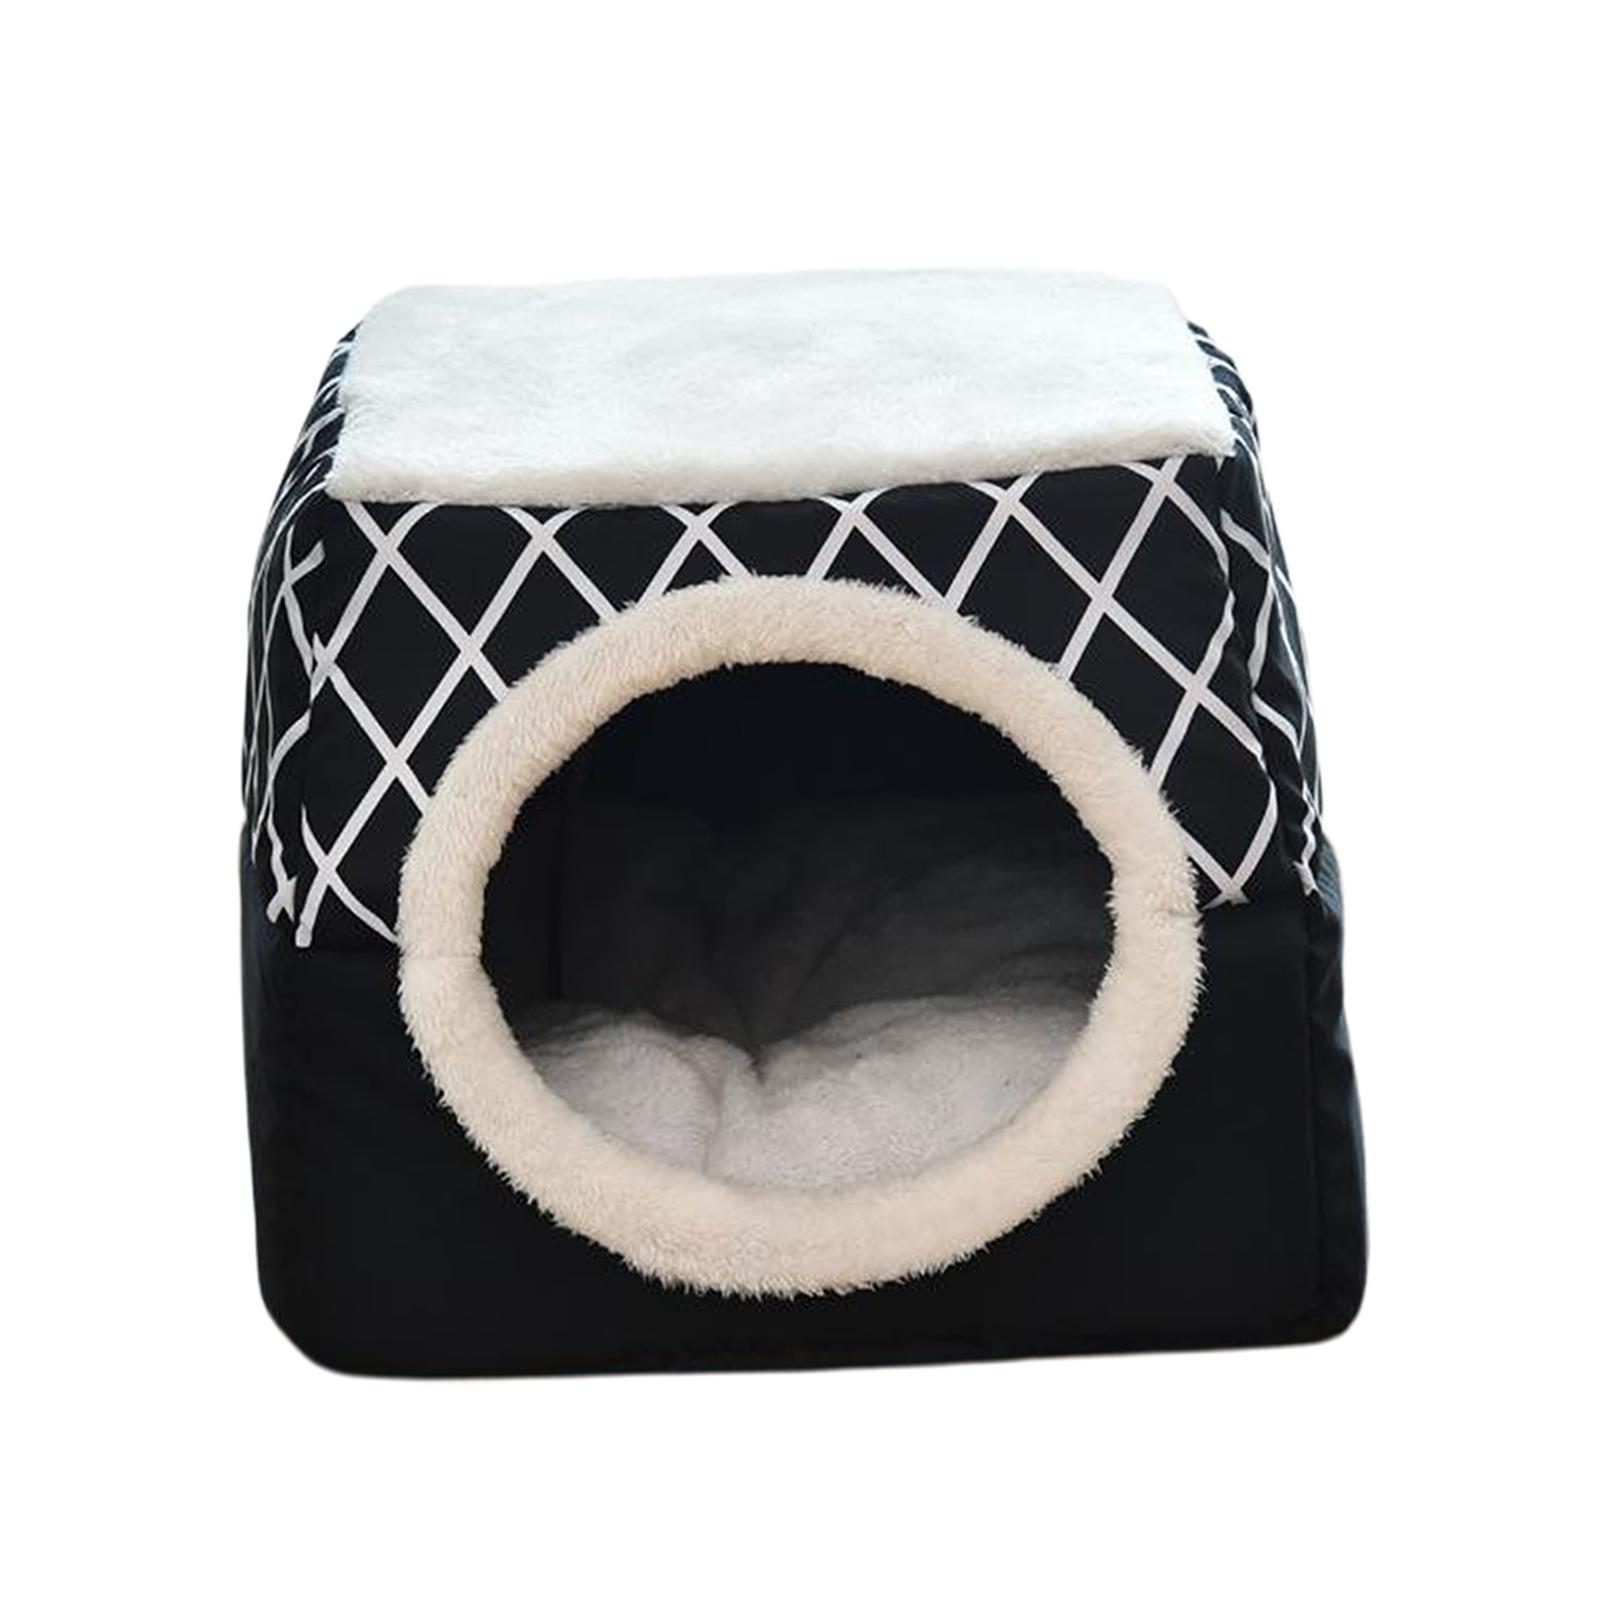 Indexbild 32 - 2-in-1-Weichen-Katzen-Haus-Schlafen-Bett-Zwinger-Puppy-Cave-Warme-Nest-Matte